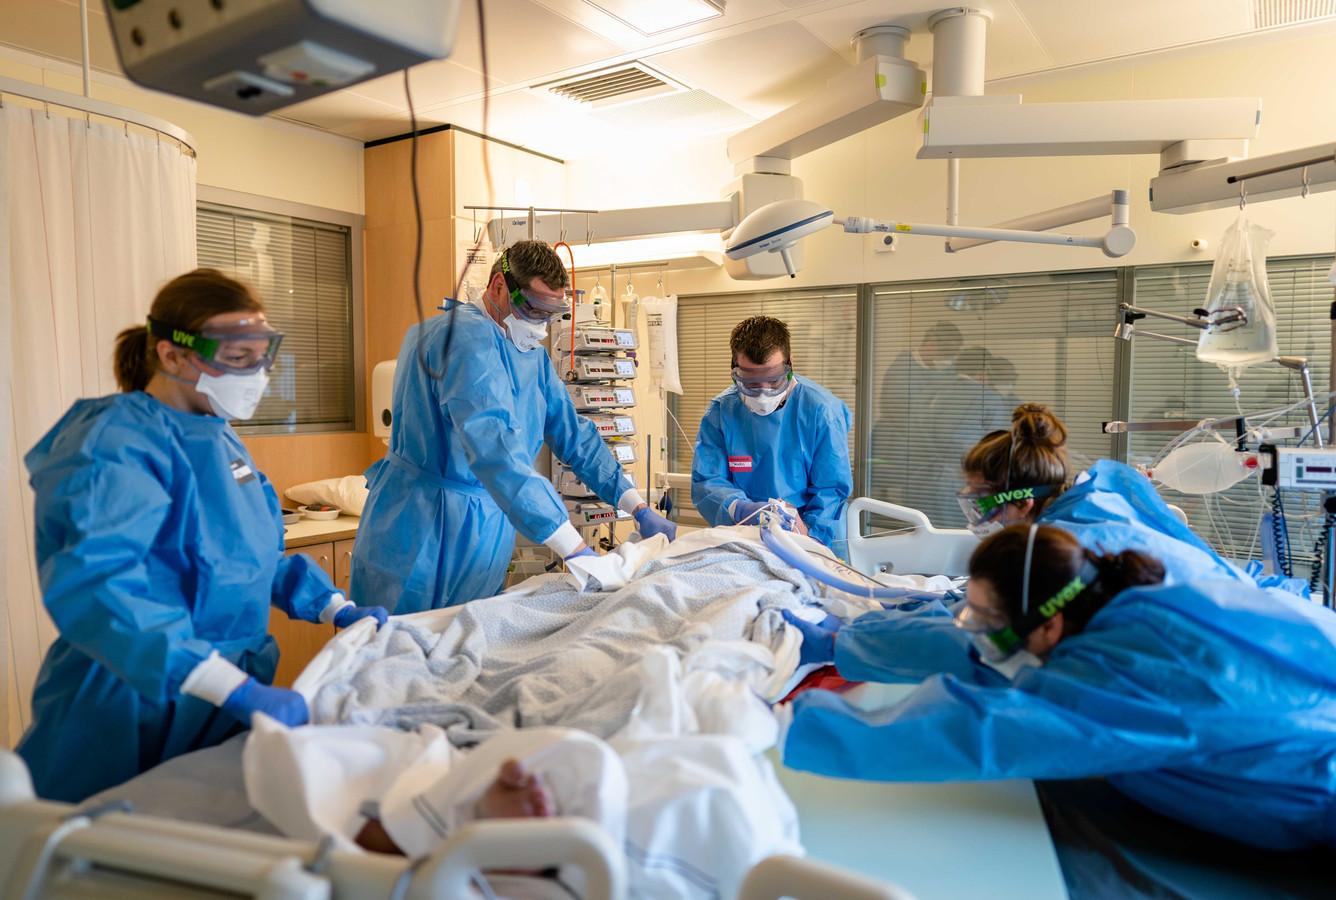 De druk op de ic's is ontzettend hoog. Ic-verpleegkundigen hopen dat er meer oud-collega's bijspringen, net als tijdens de eerste lockdown vorig jaar.